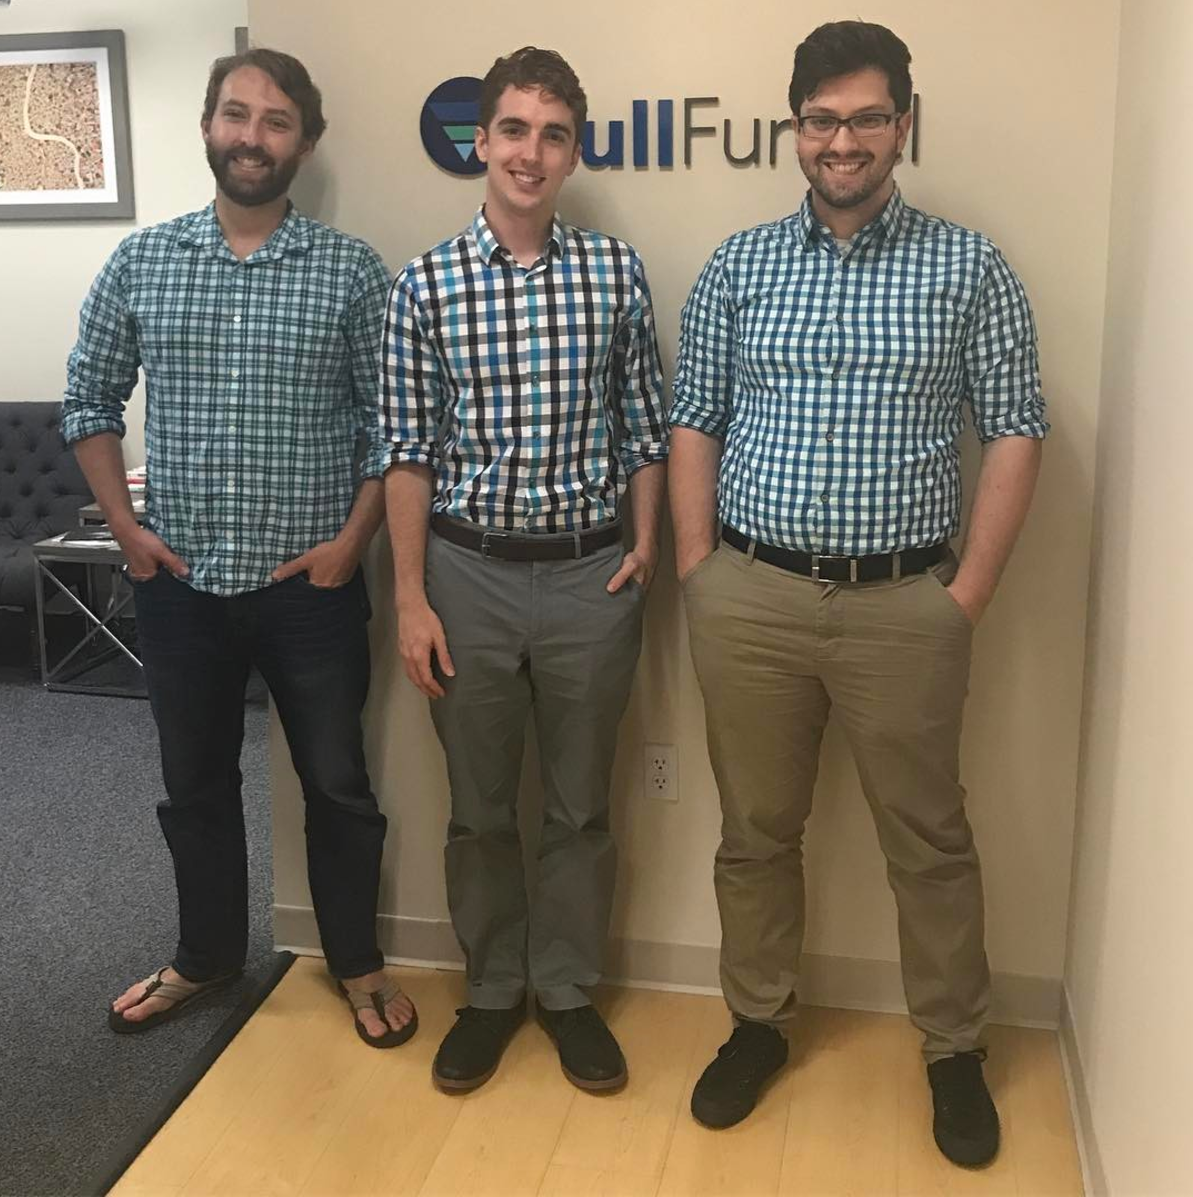 checkered_shirts-942369-edited.png